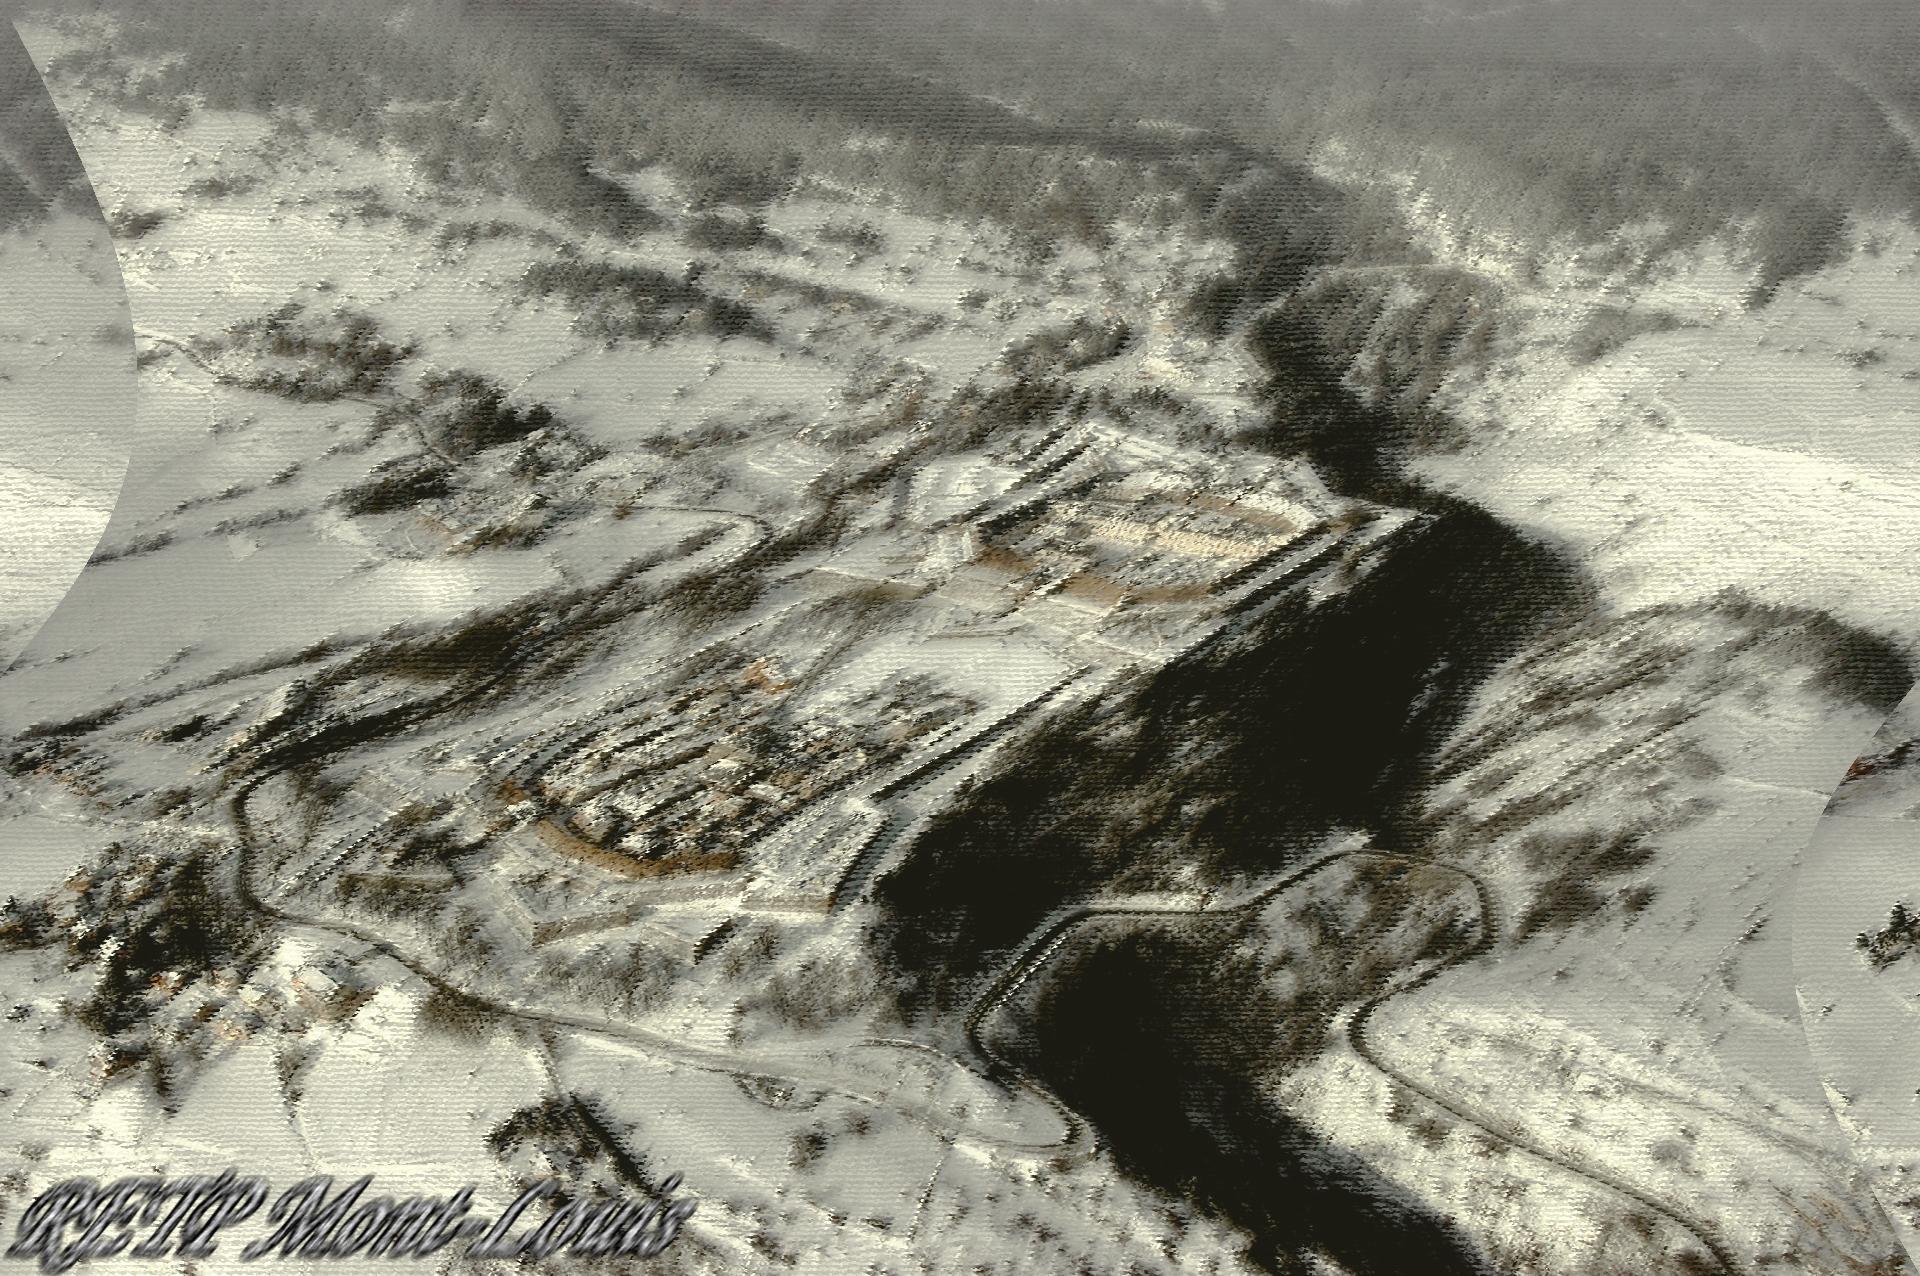 Deformation citadelle de mont louis vue du ciel l hiver